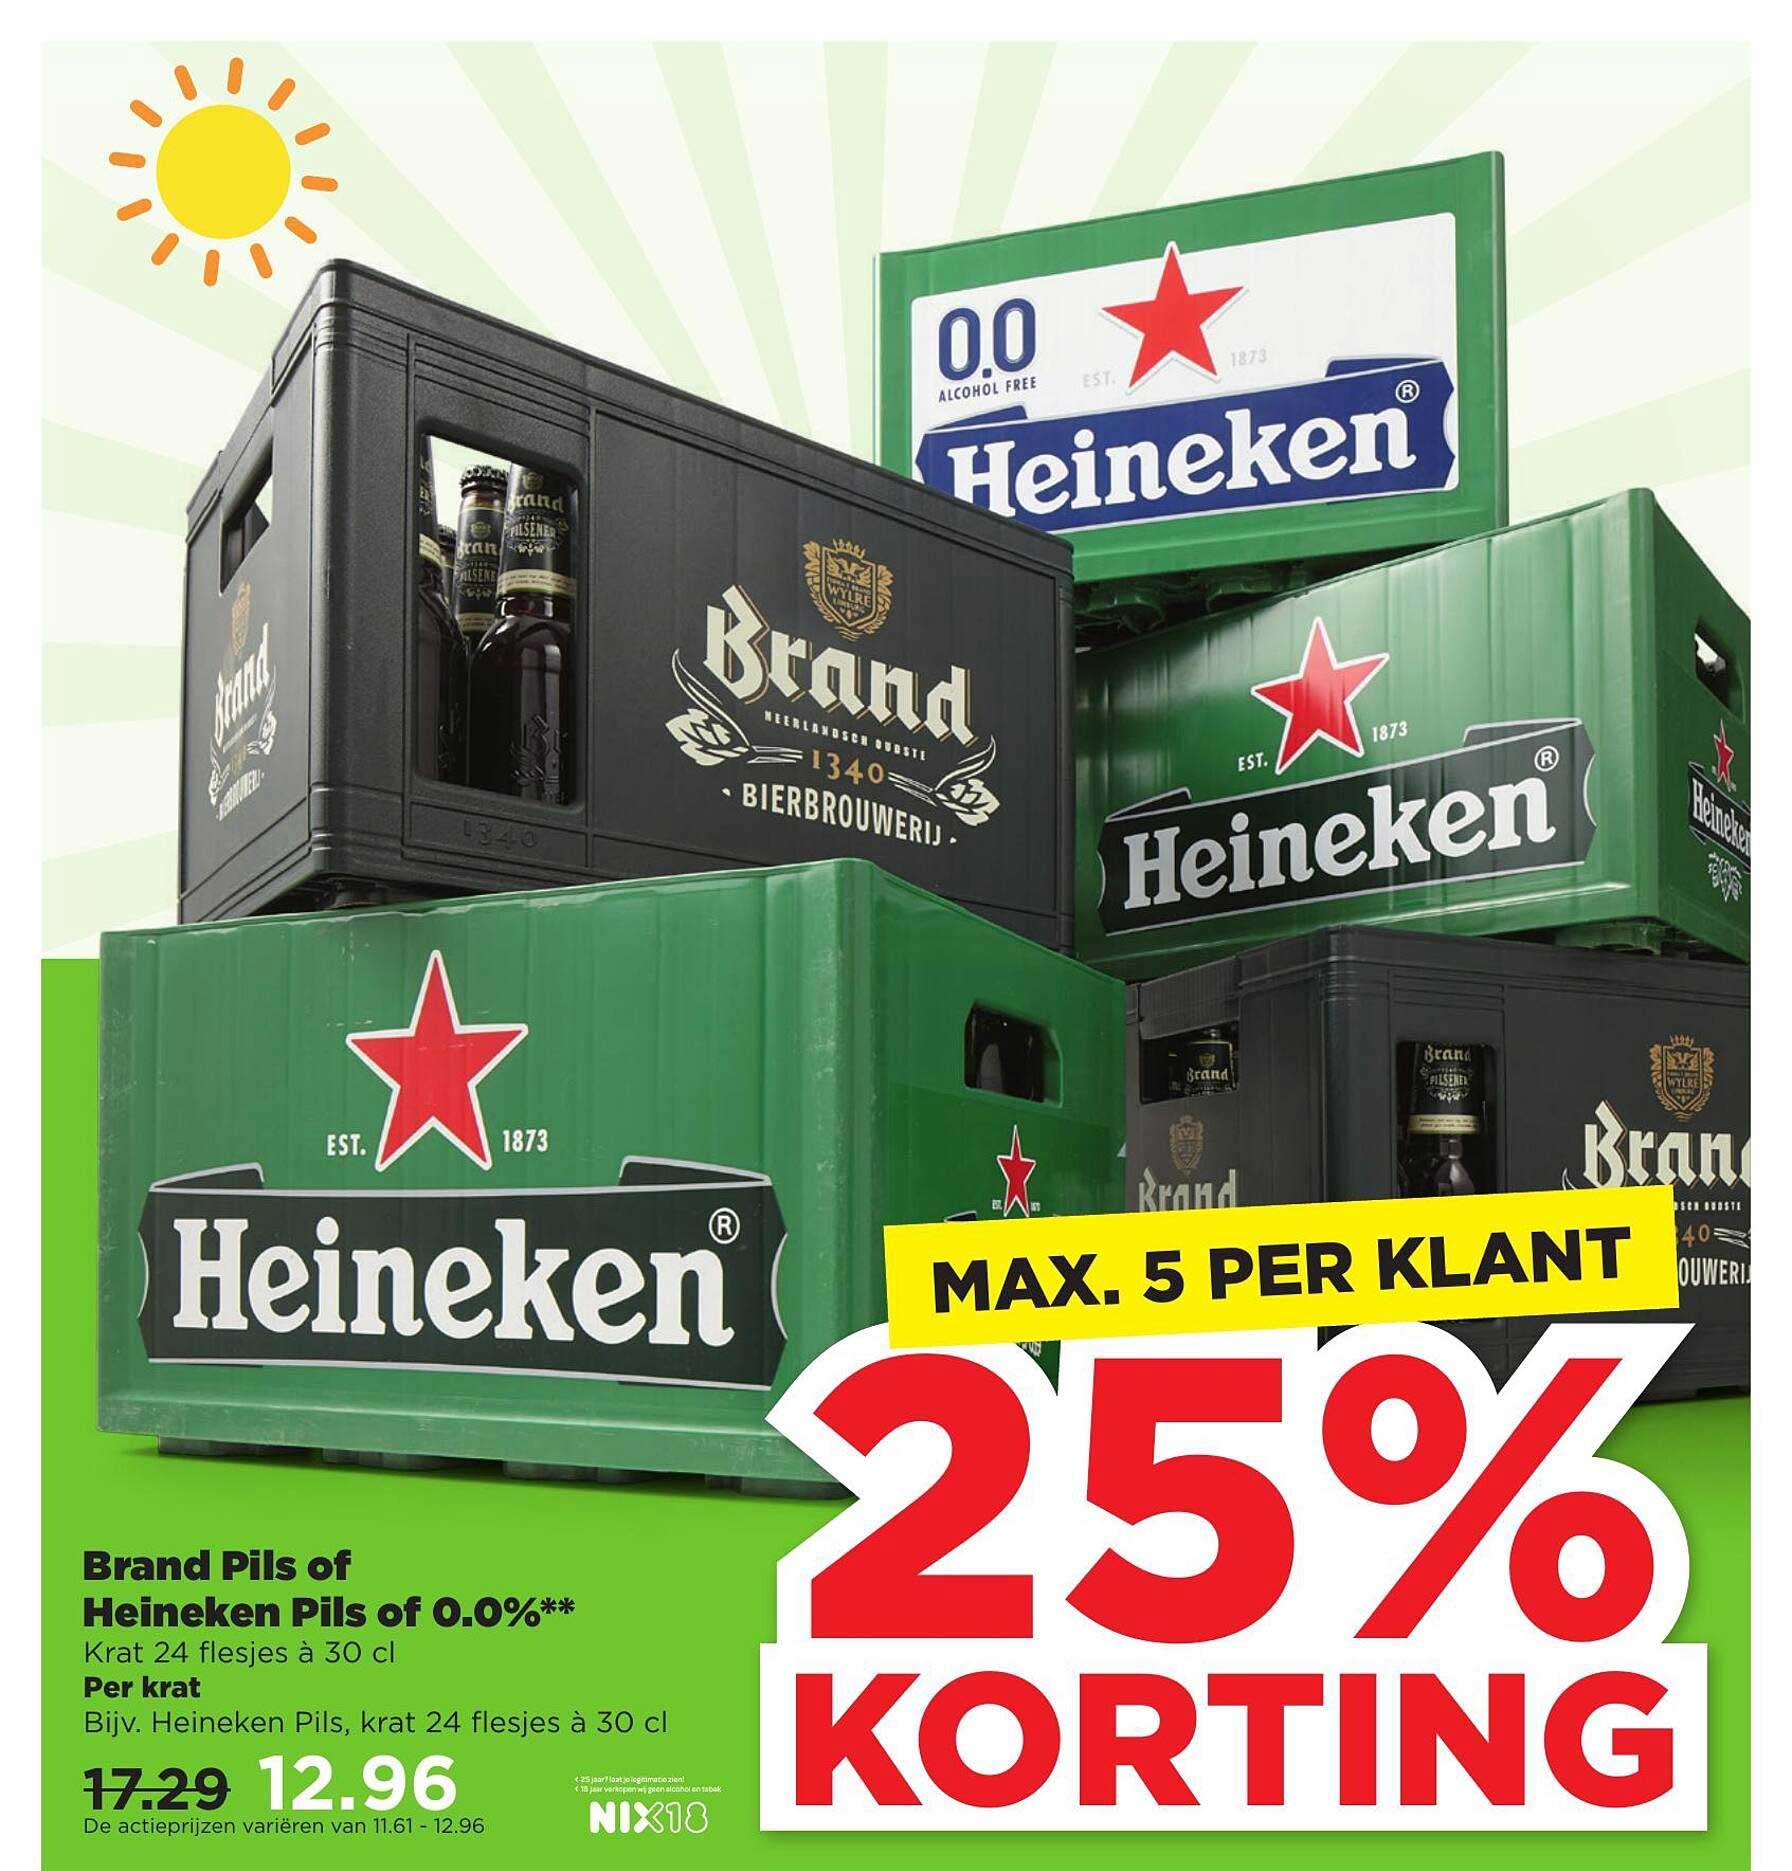 PLUS Brand Pils Of Heineken Pils Of 0.0% 25% Korting